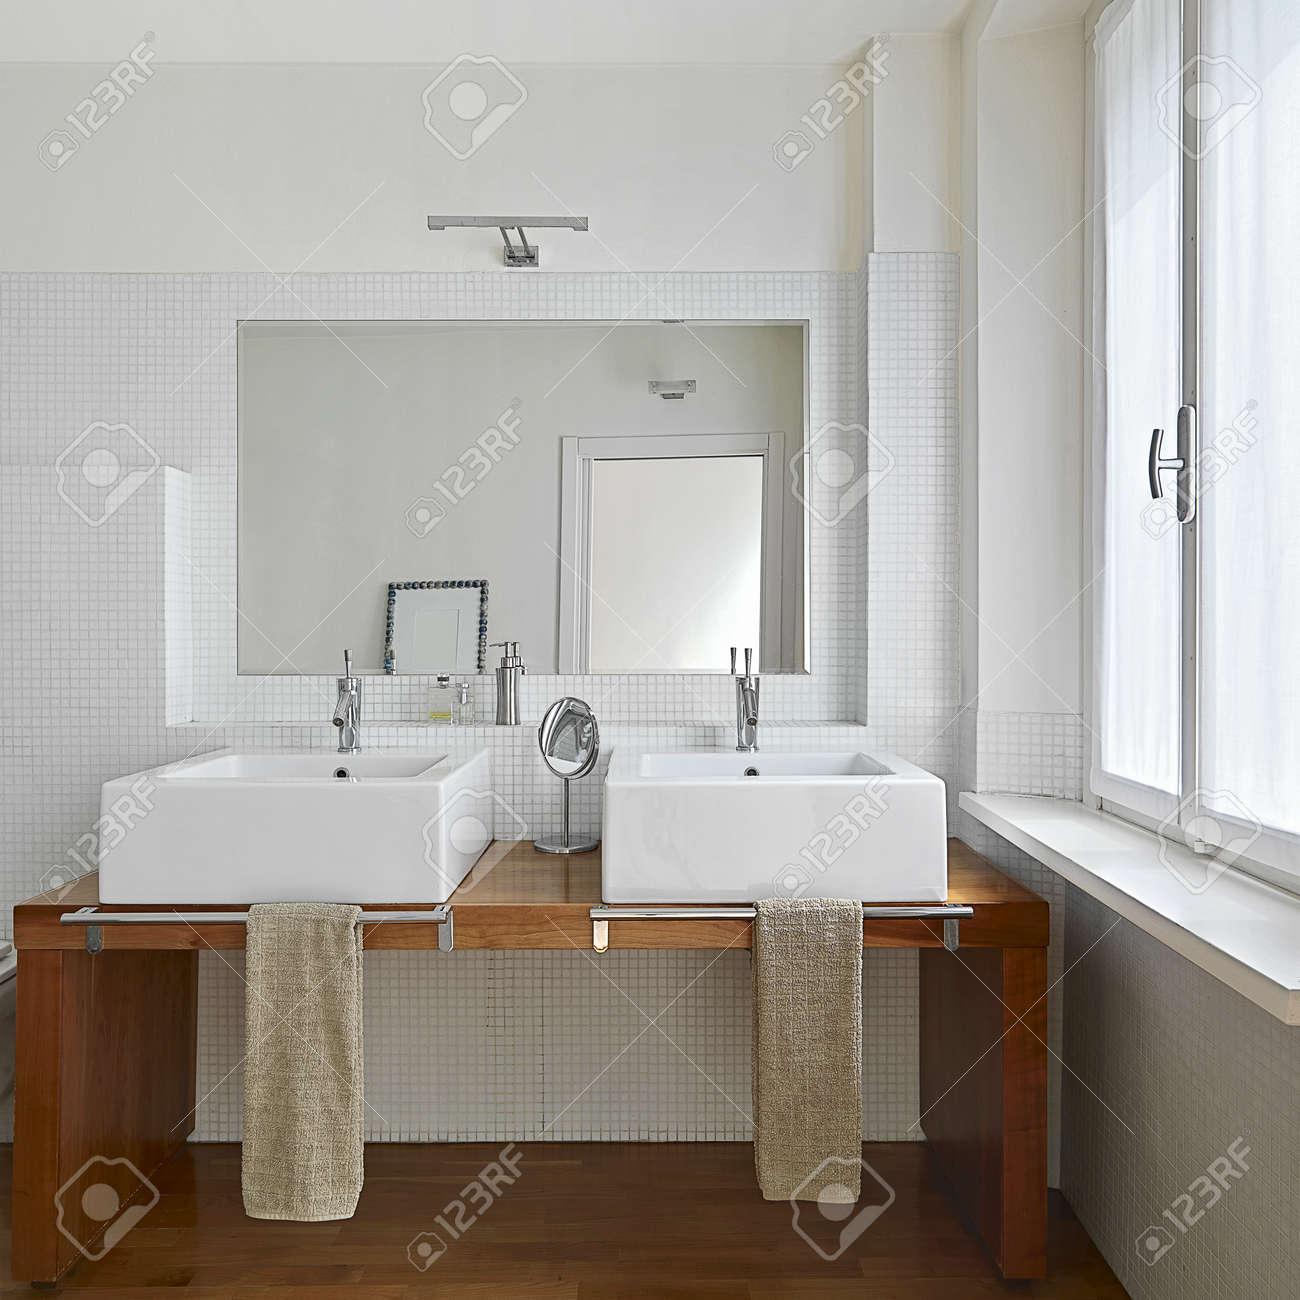 archivio fotografico vista interna del bagno moderno con due lavabo e pavimento in legno